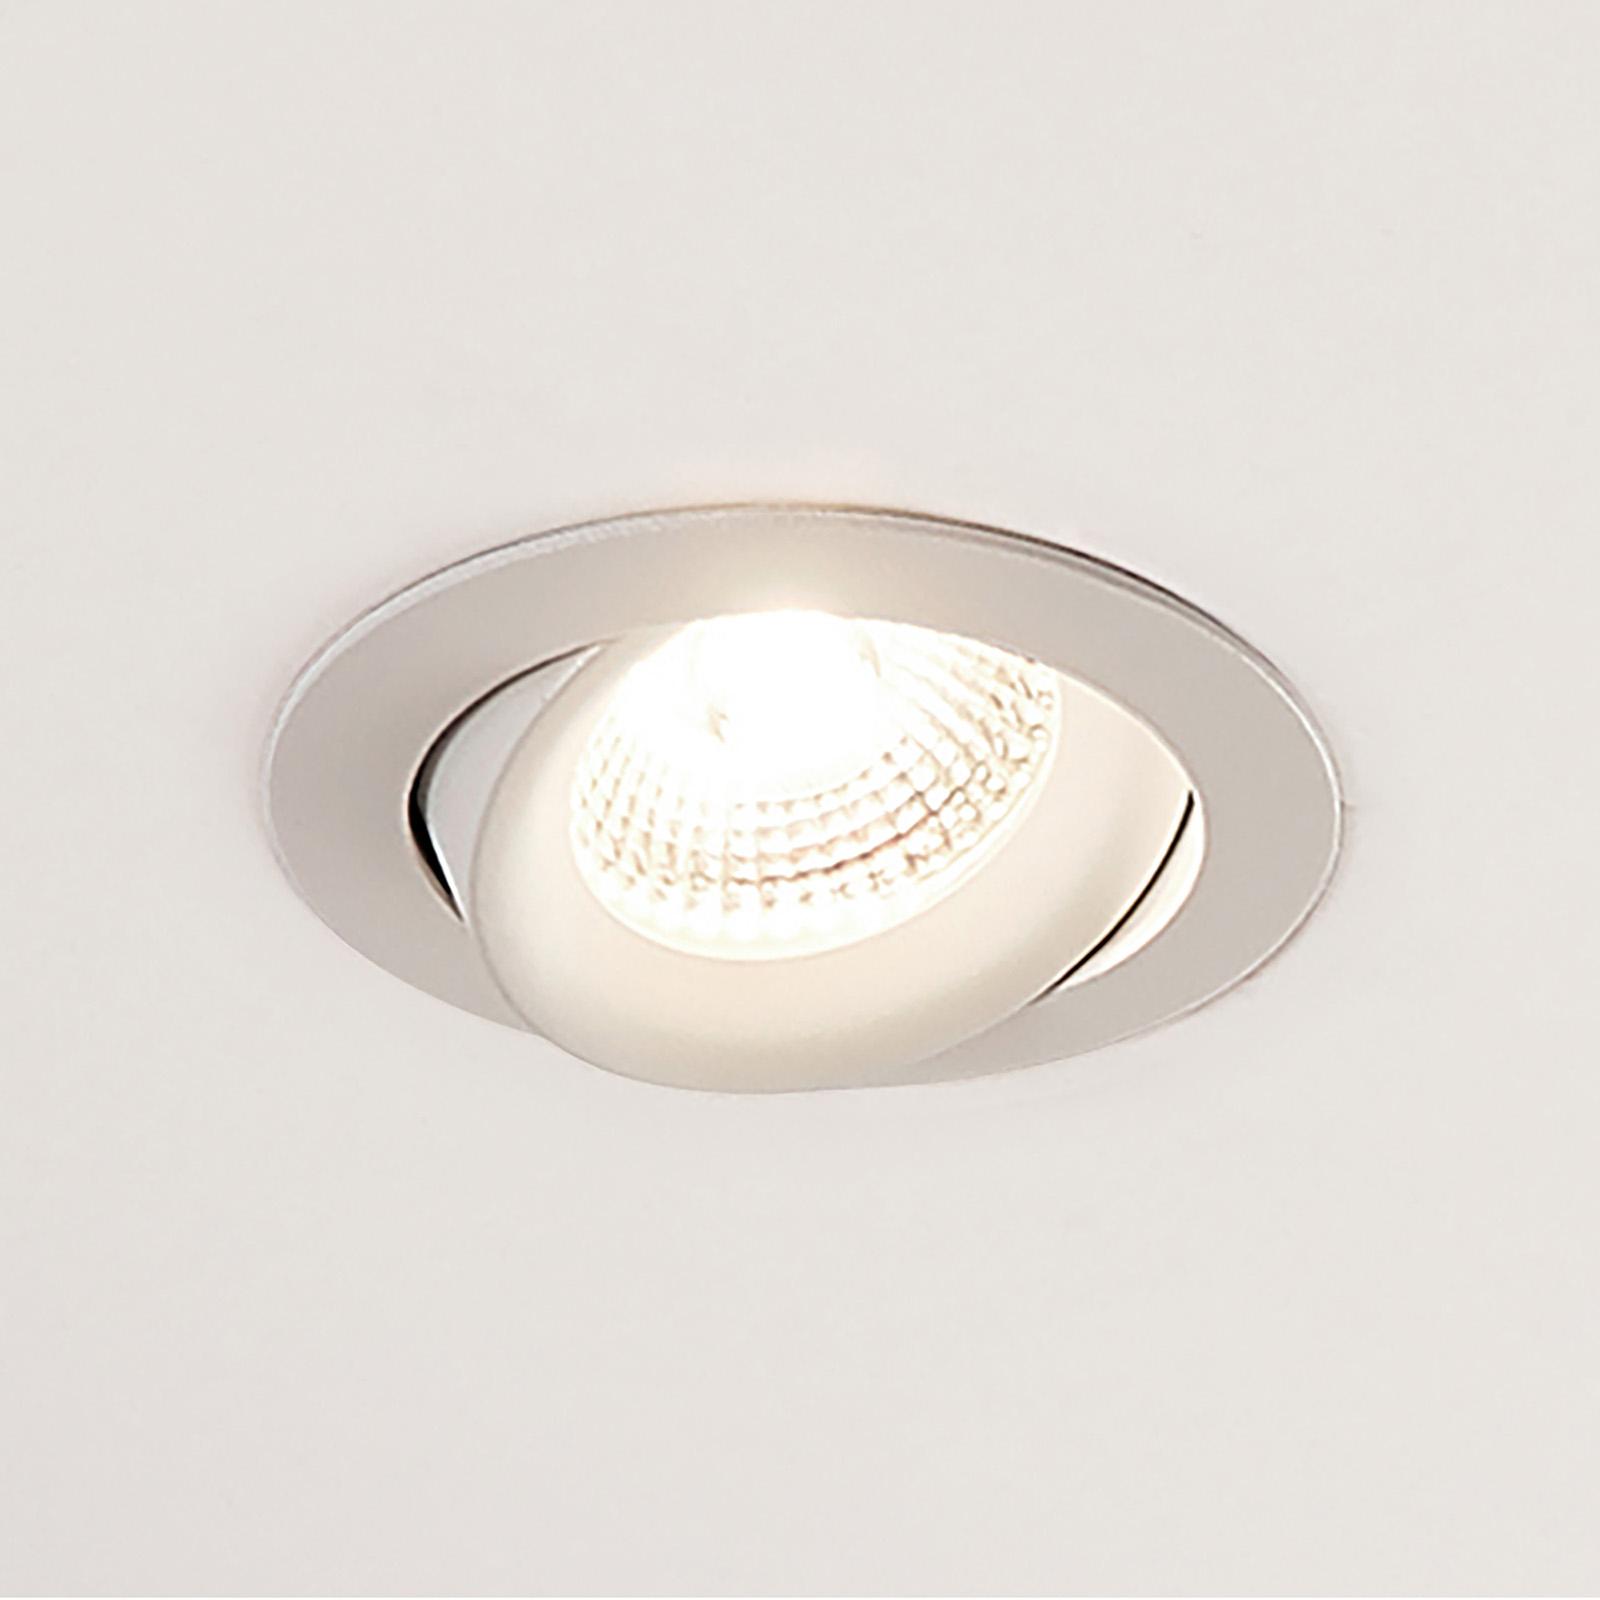 Arcchio Ozias LED inbouwspot wit, 6W